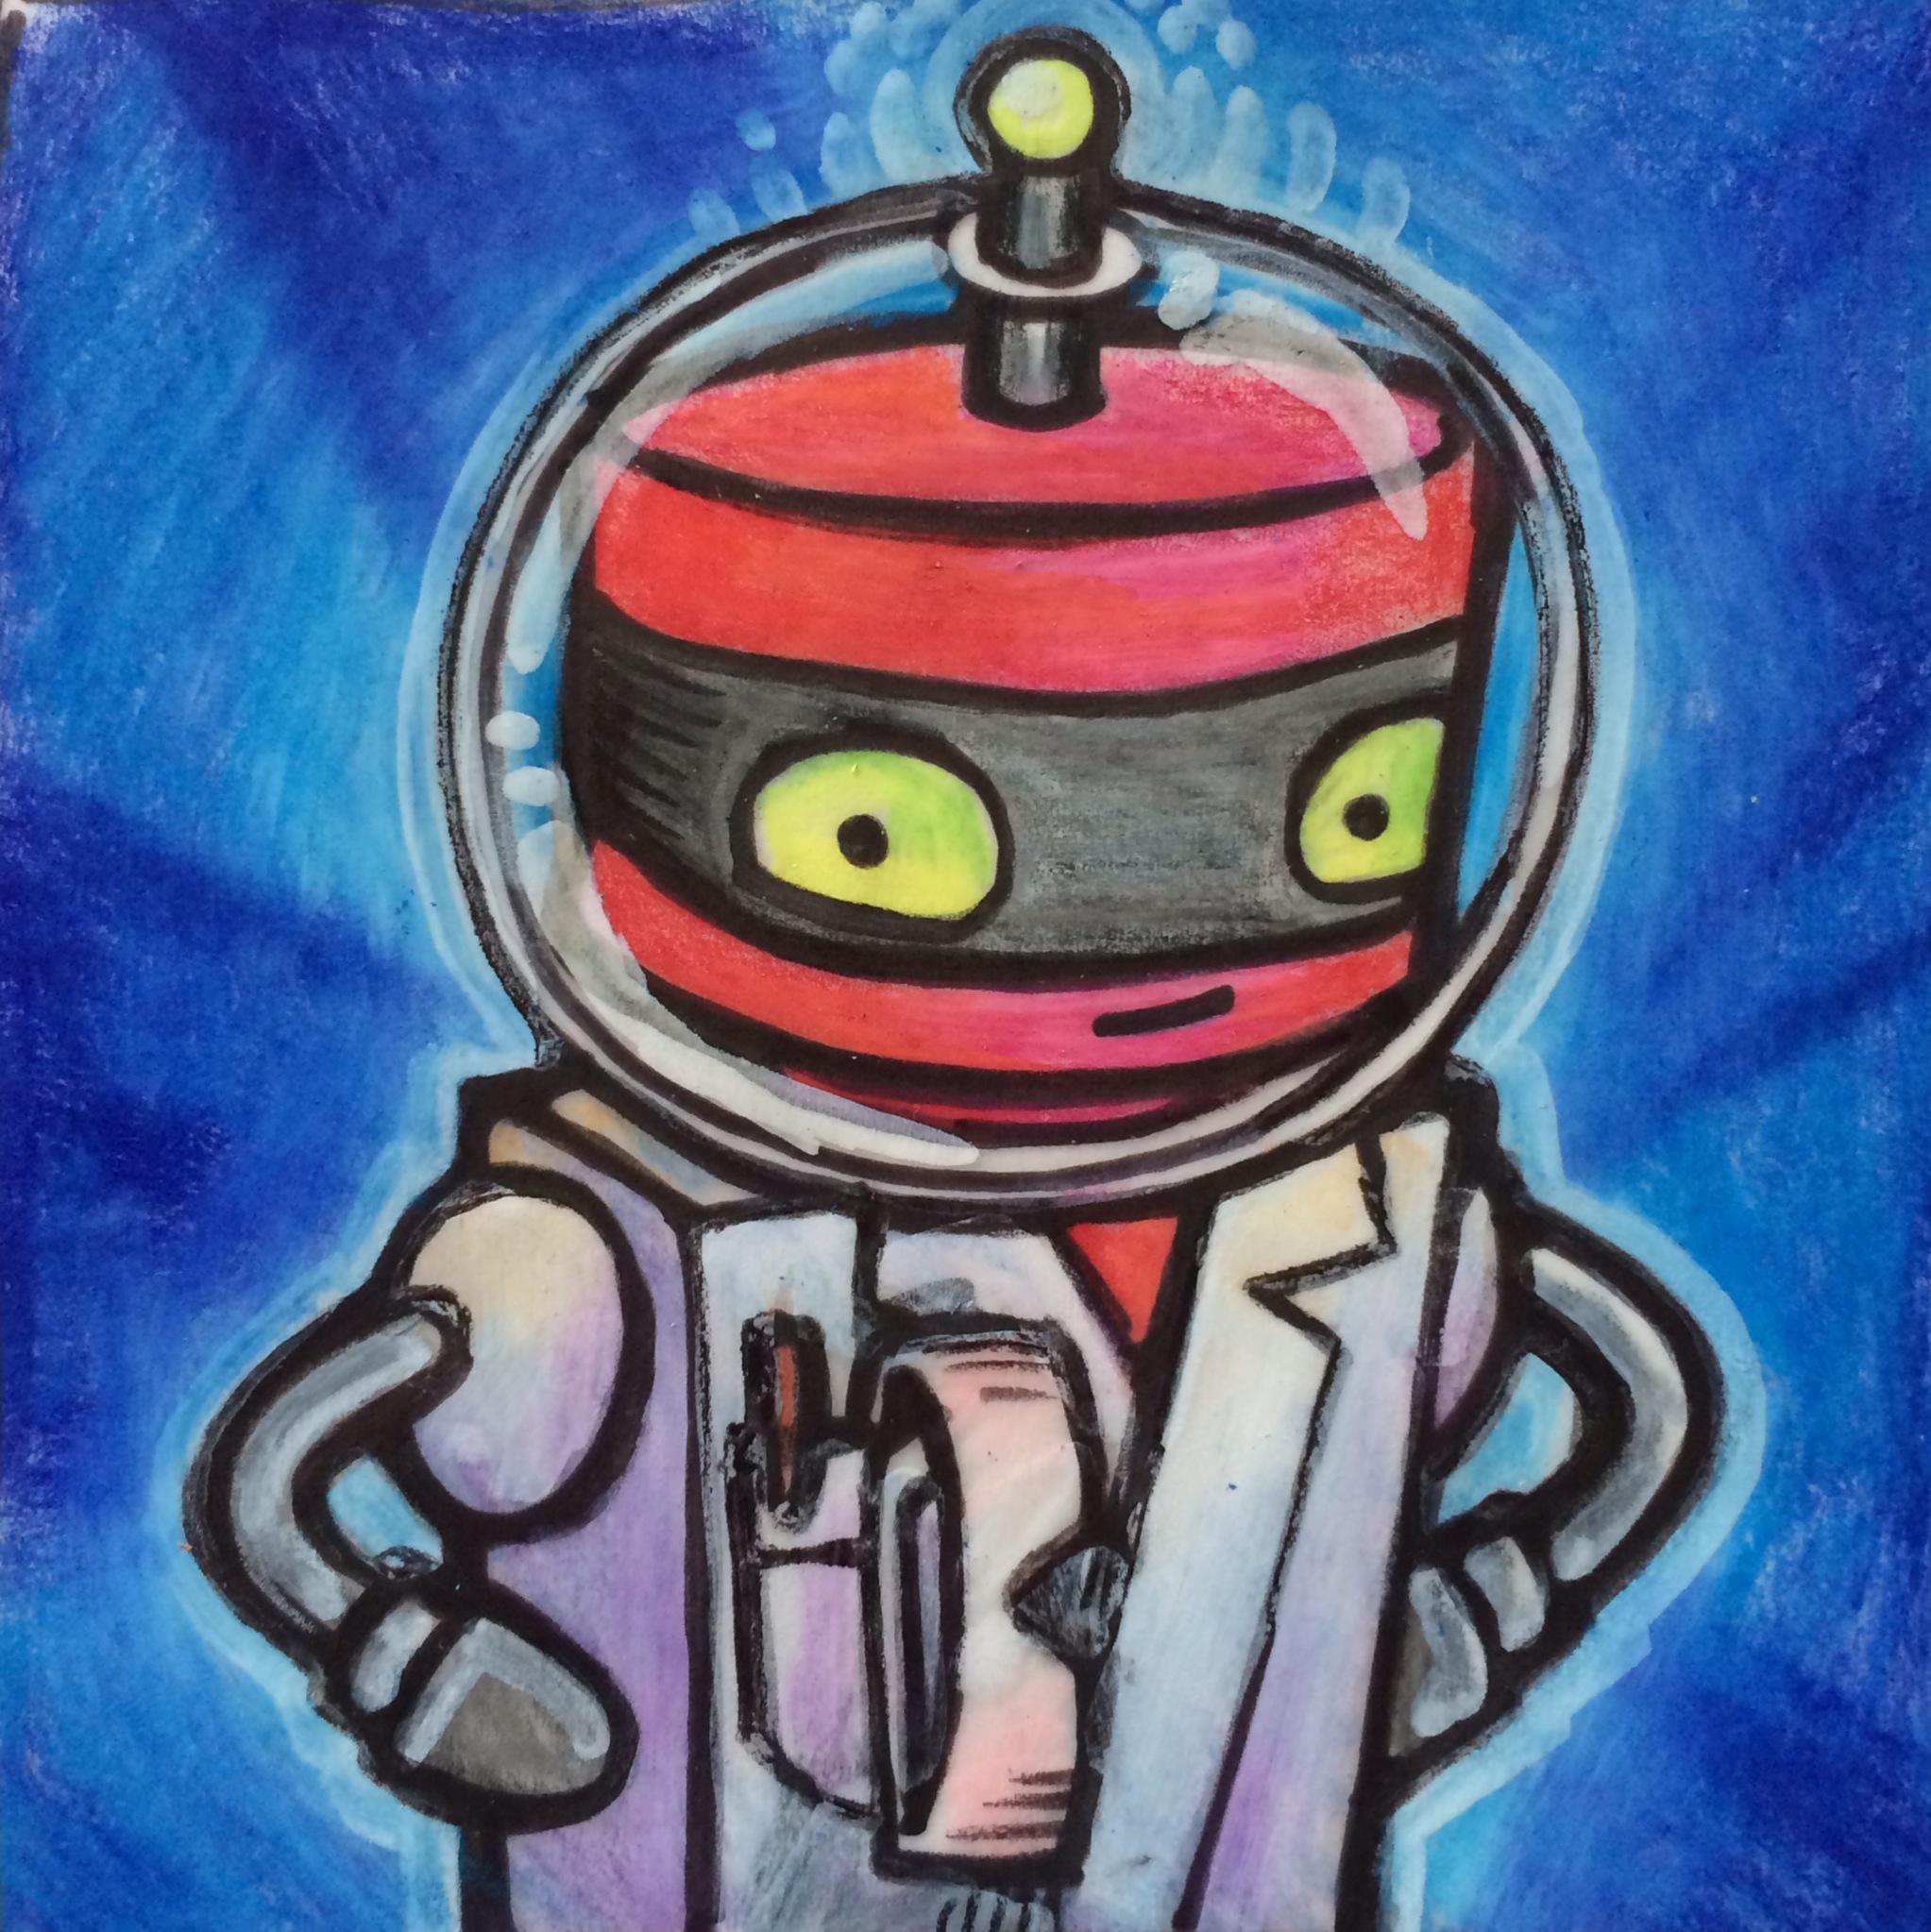 ninja-astronaut-chemist.JPG